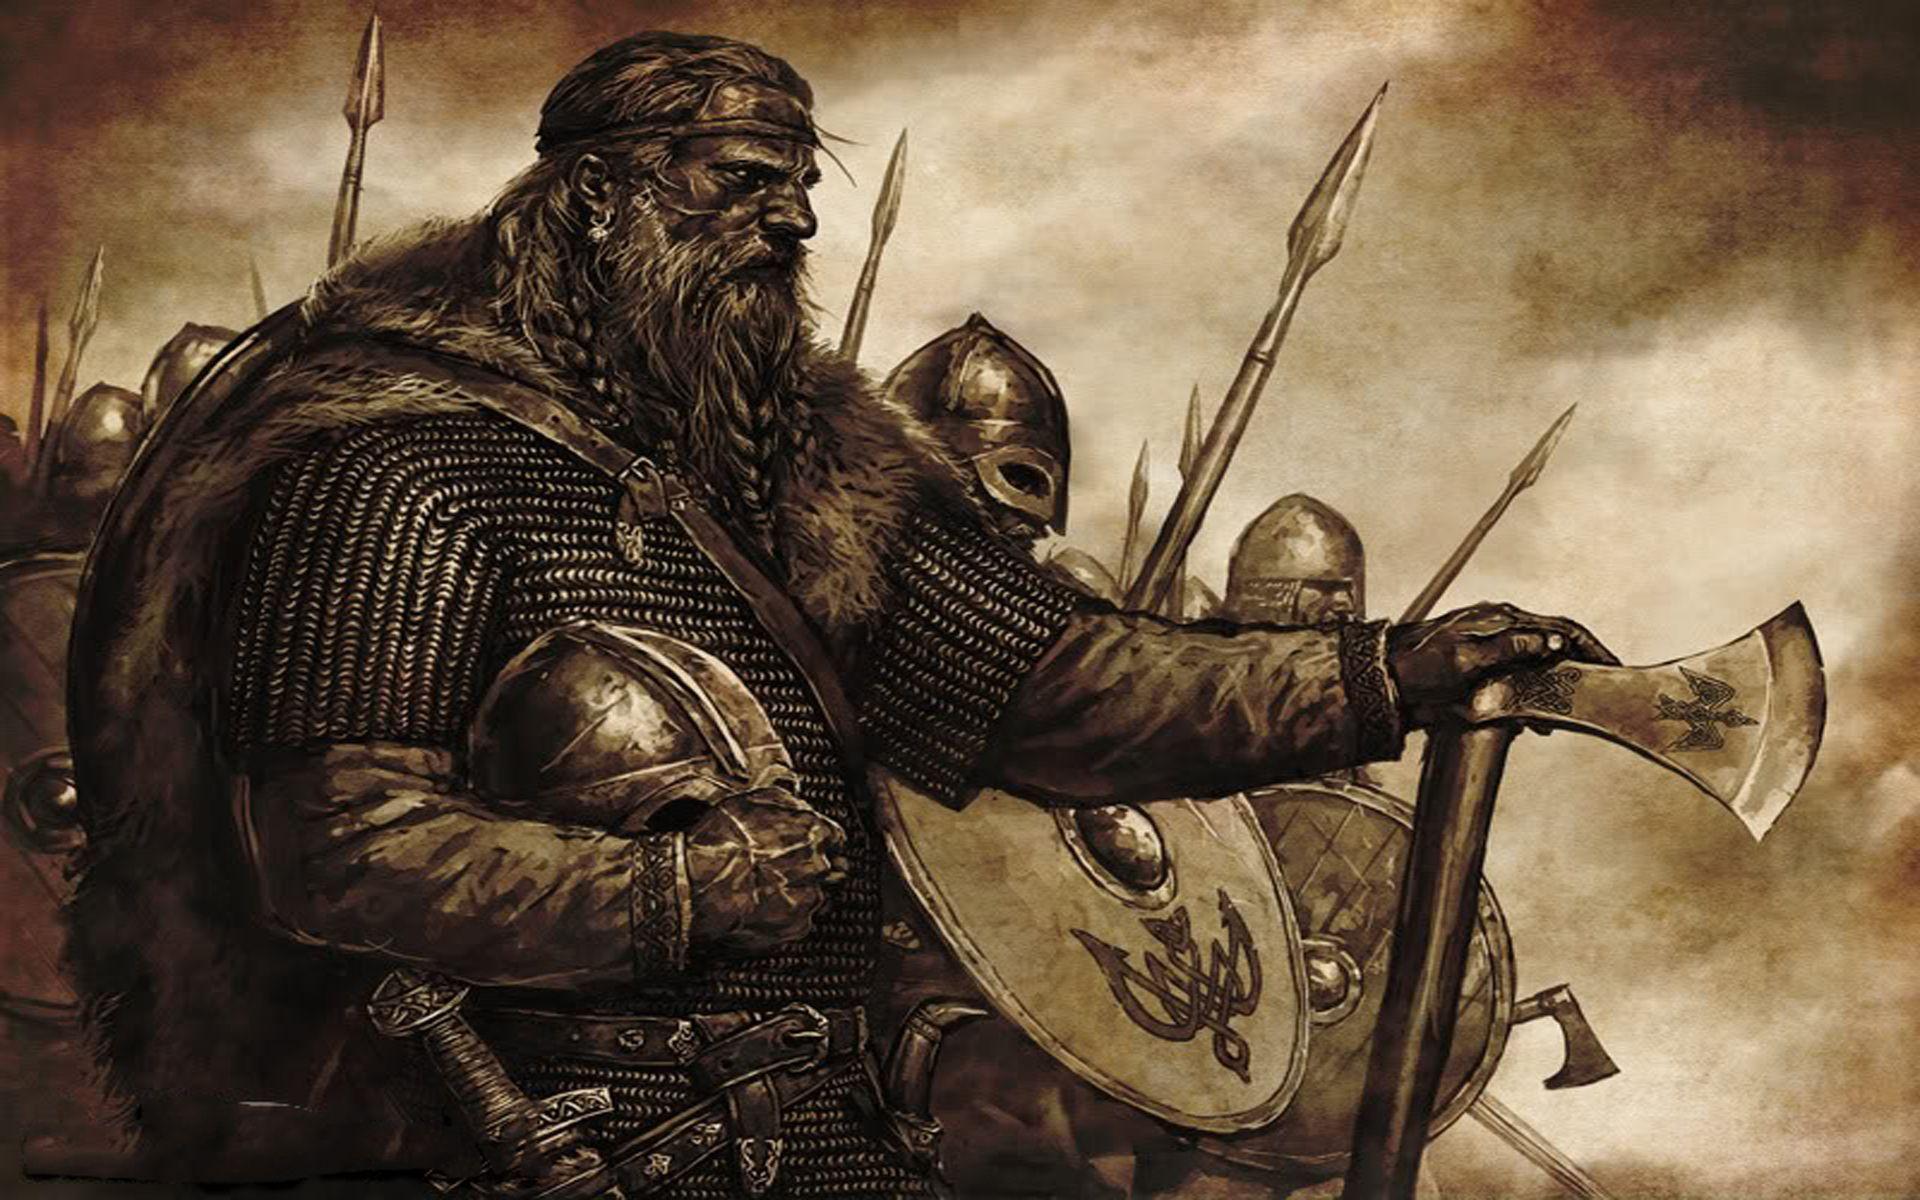 Bằng chứng đầu tiên cho thấy nữ chiến binh của tộc Viking hung bạo có tồn tại - Ảnh 2.